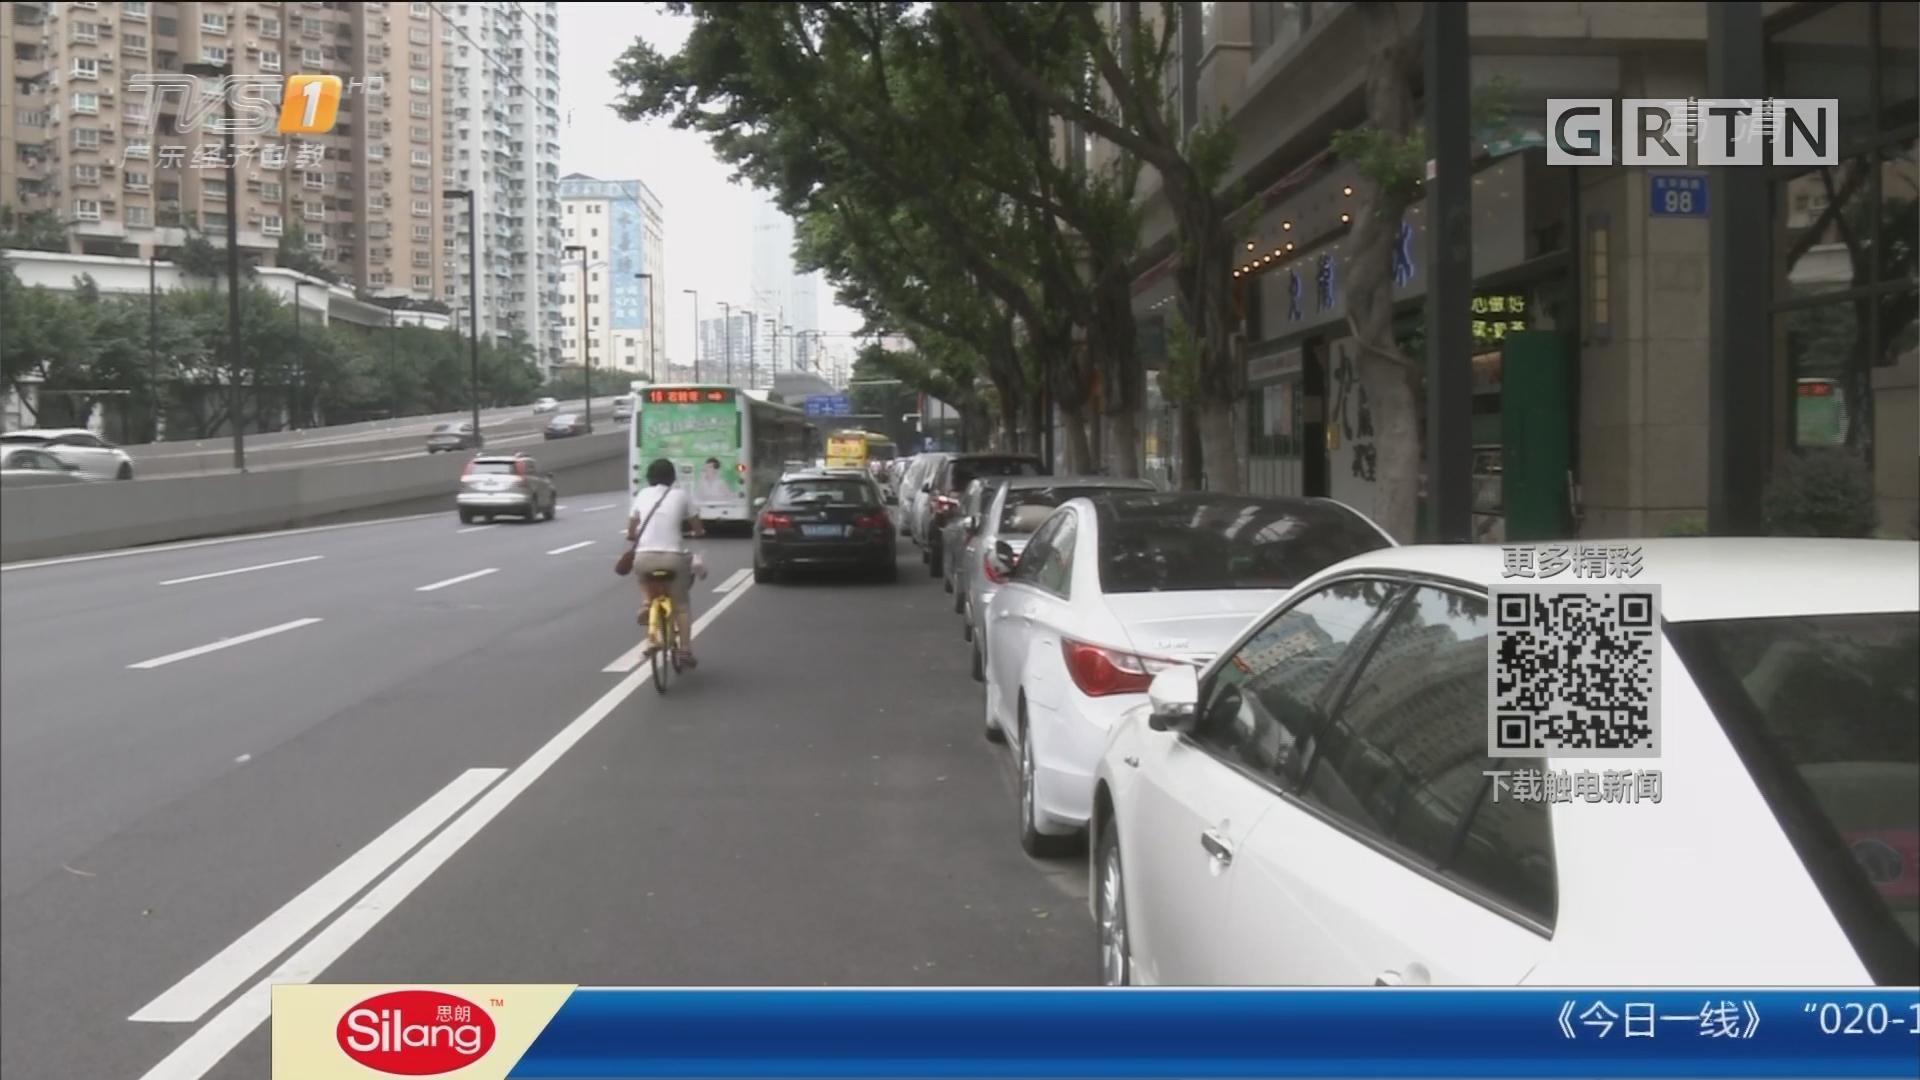 广州咪表泊位调整:中心六区泊位迎新规划 10月1日实施